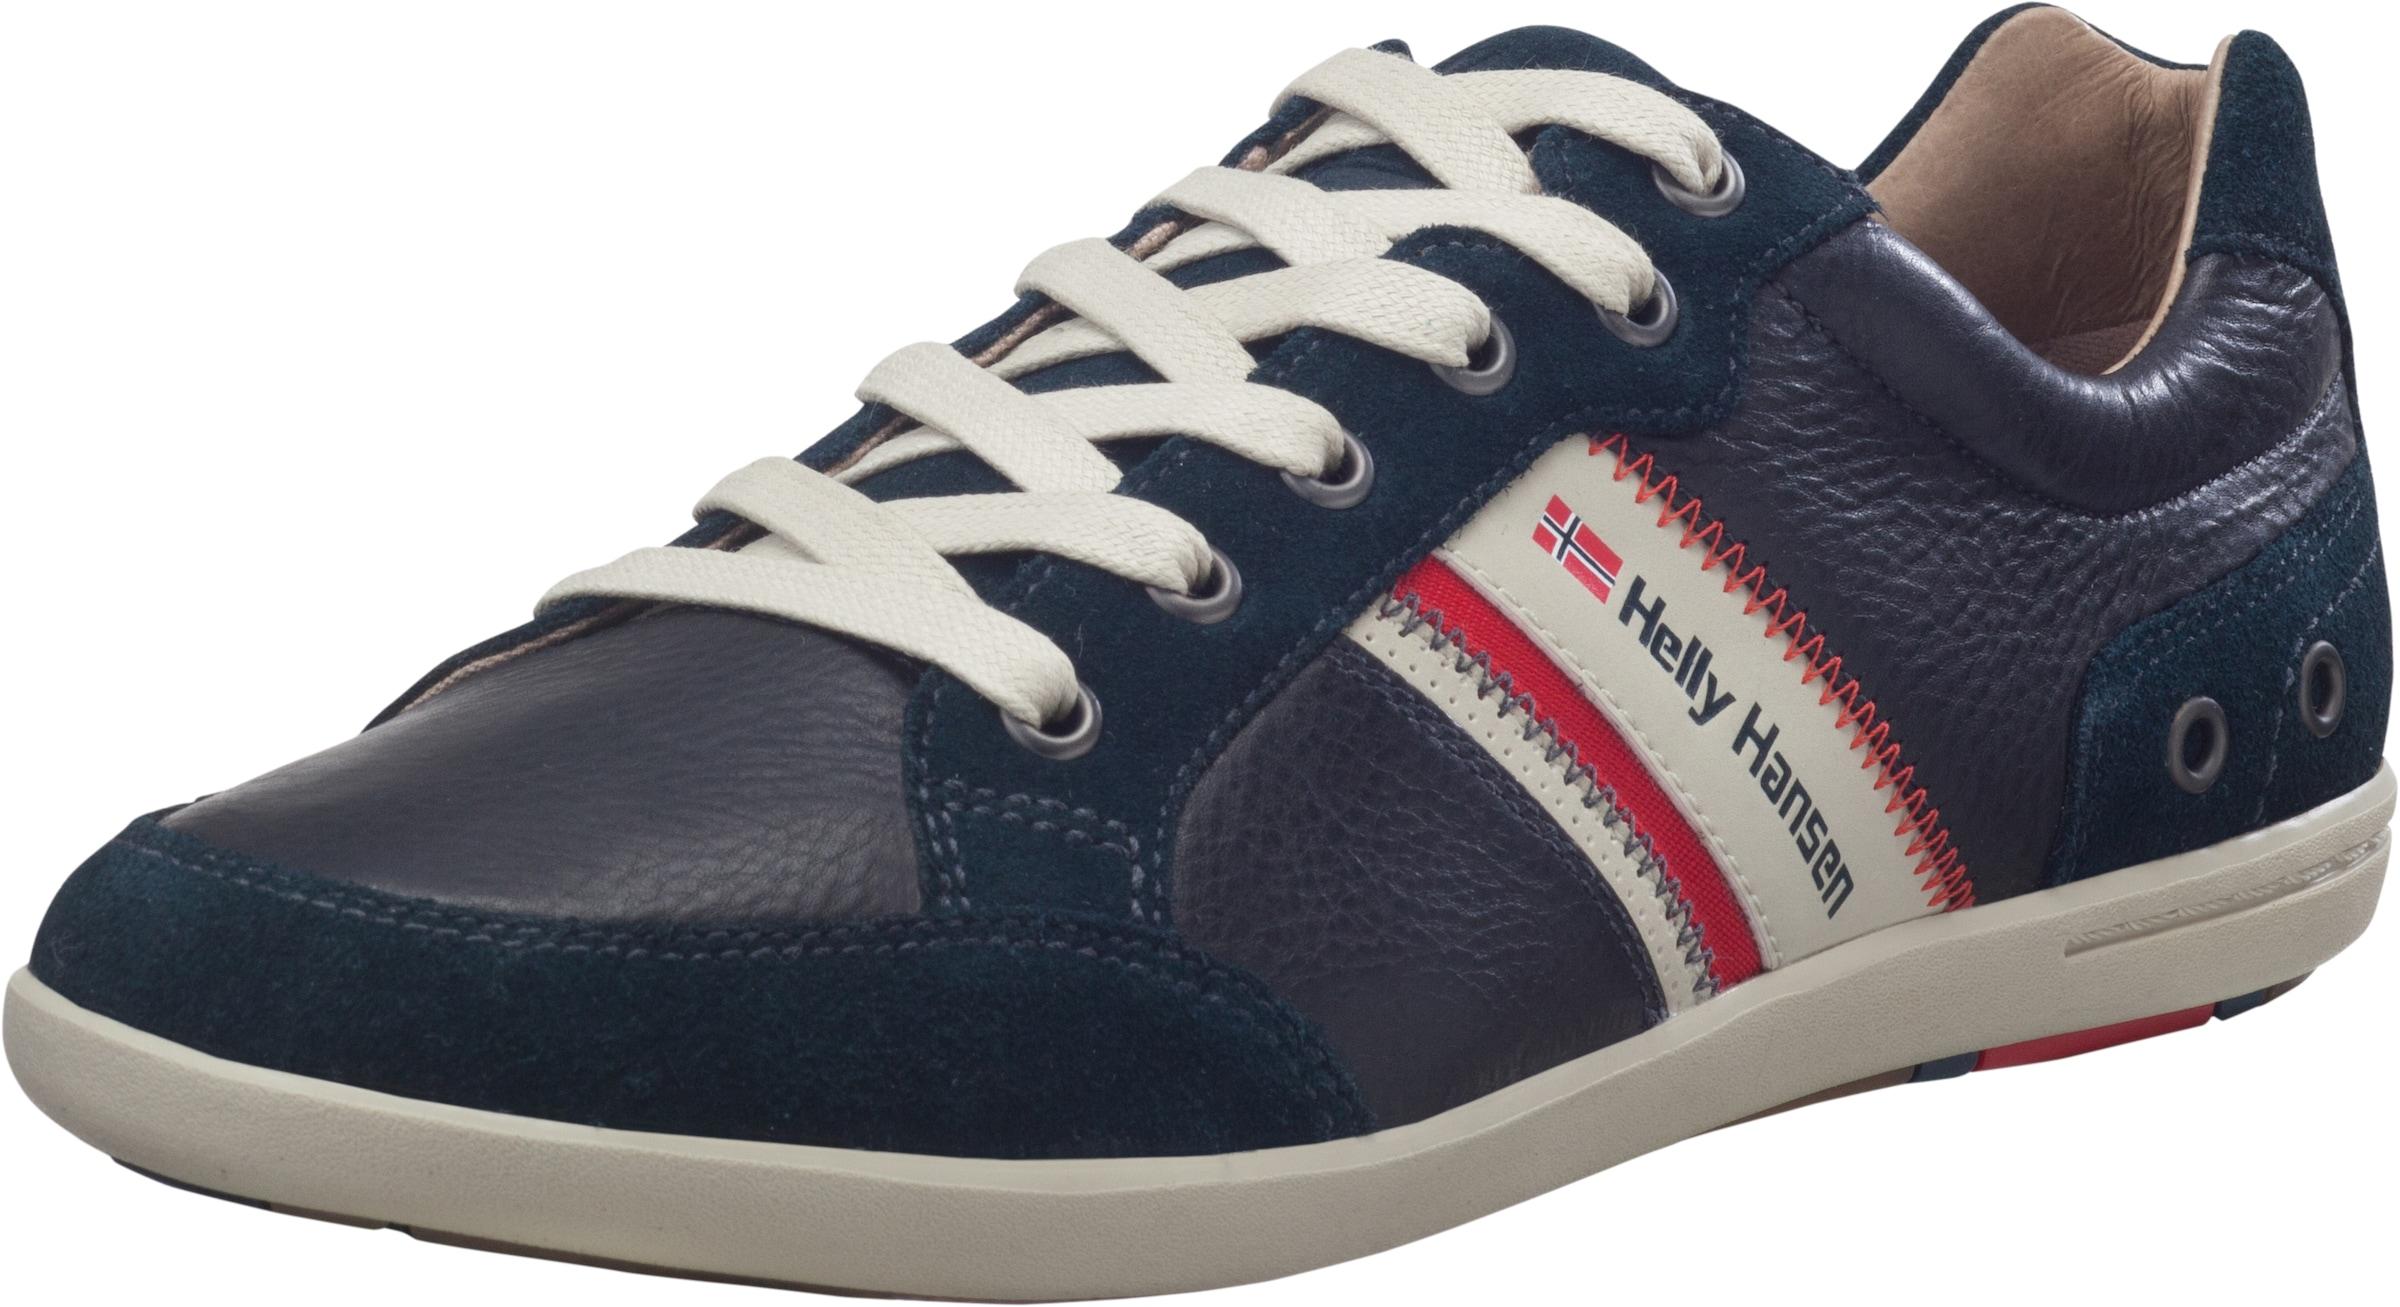 Haltbare Mode Mode Mode billige Schuhe HELLY HANSEN | Schuhe Schuhe Gut getragene Schuhe 5ea73a